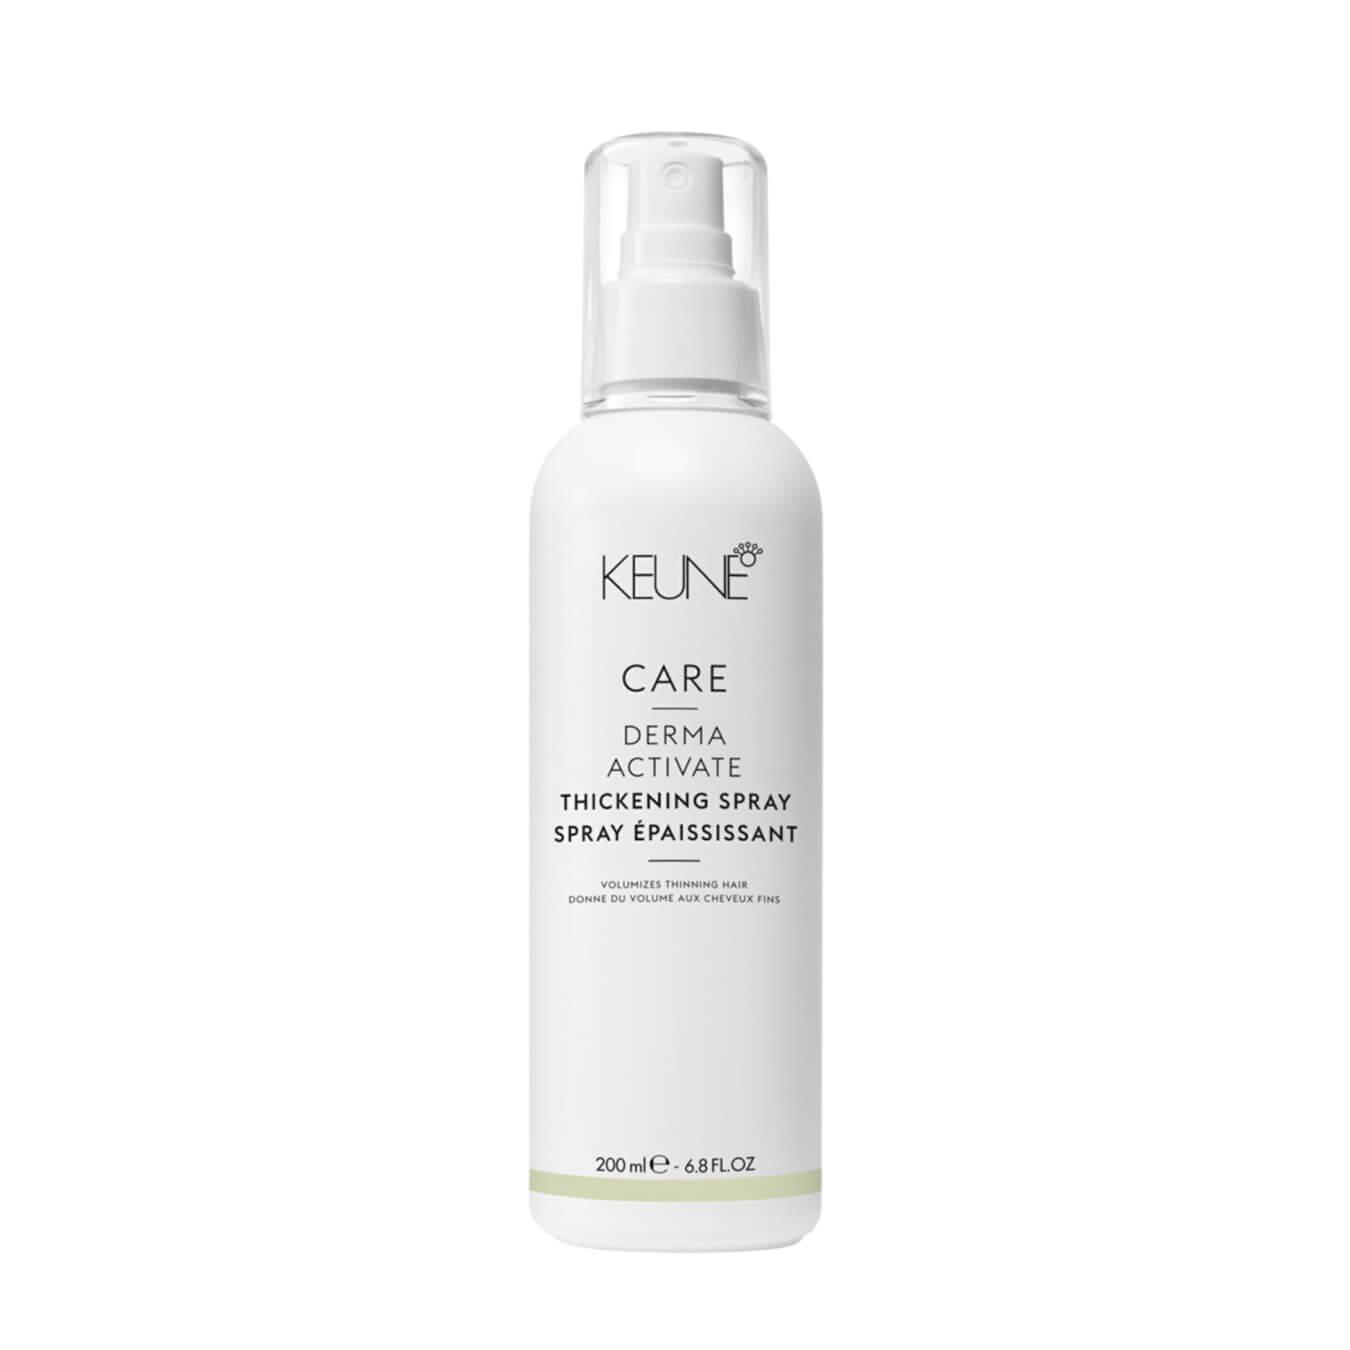 Kauf Keune Care Derma Activate Thickening Spray 200ml